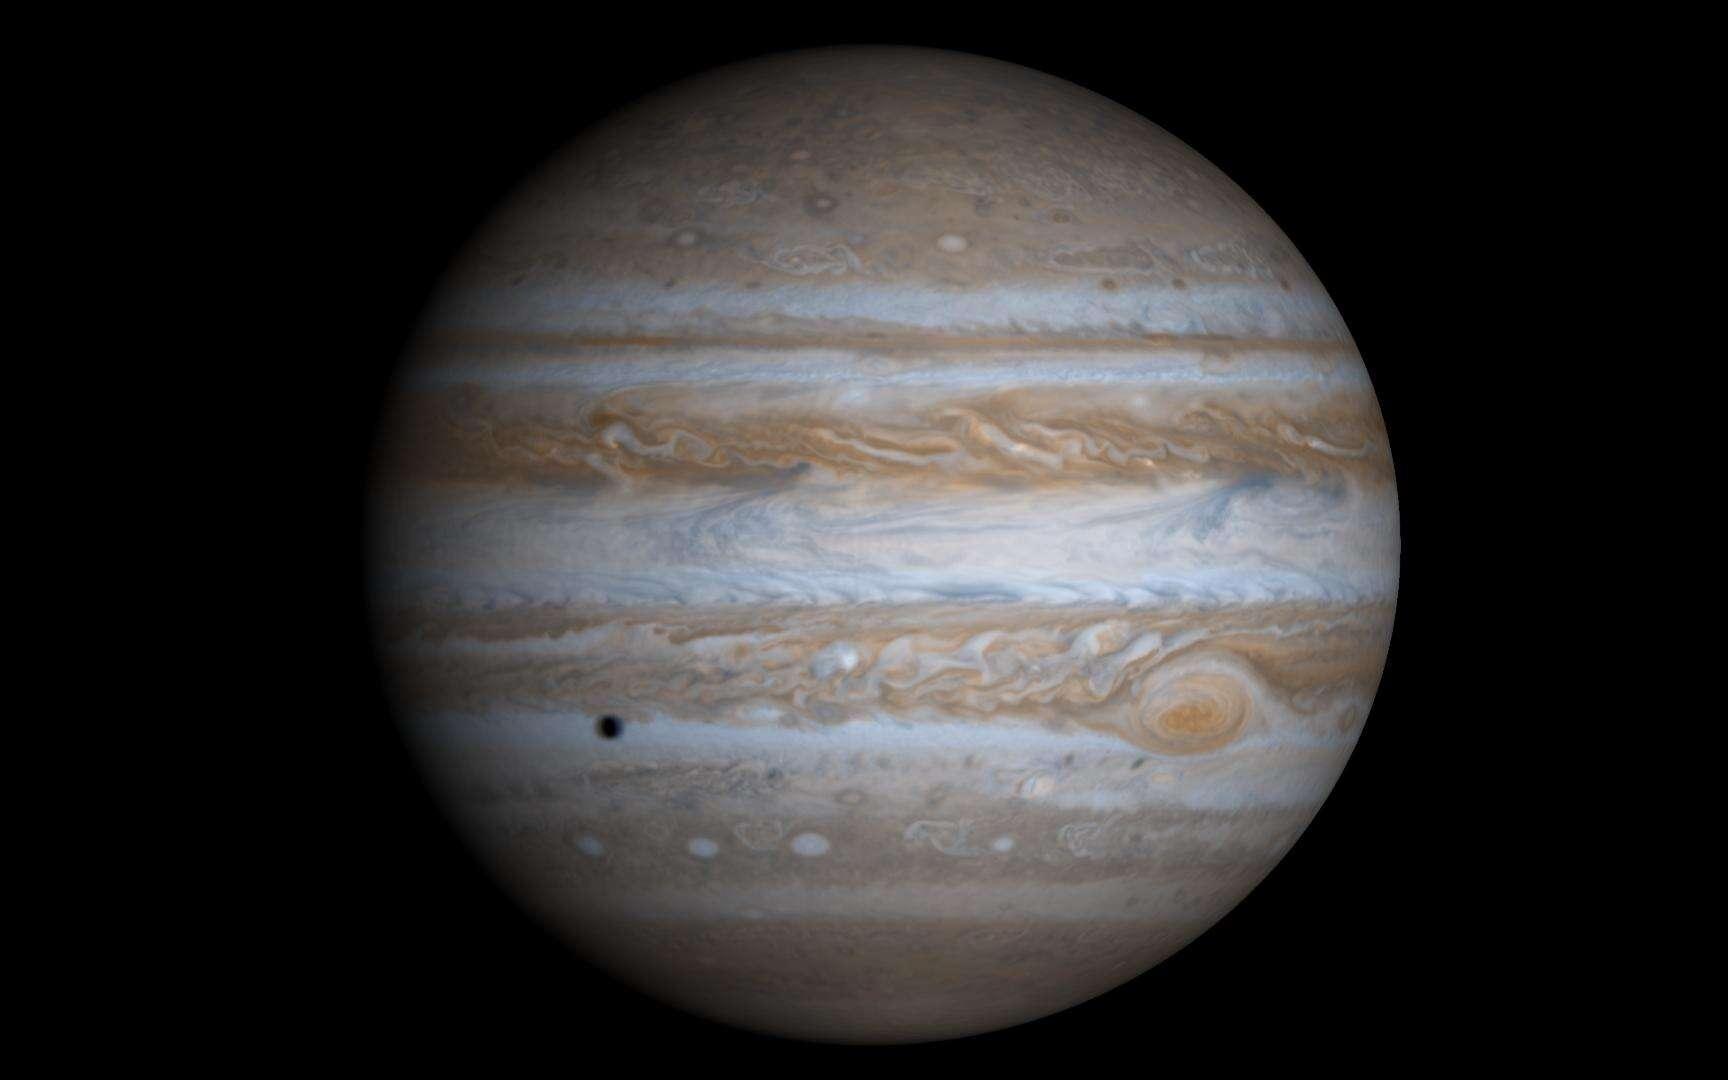 Jupiter vue par la sonde Cassini lors de son périple vers Saturne. L'ombre en bas à gauche est celle d'Europe. Il s'agit en fait d'une image reconstituée à l'ordinateur à partir de quatre photos. © Nasa